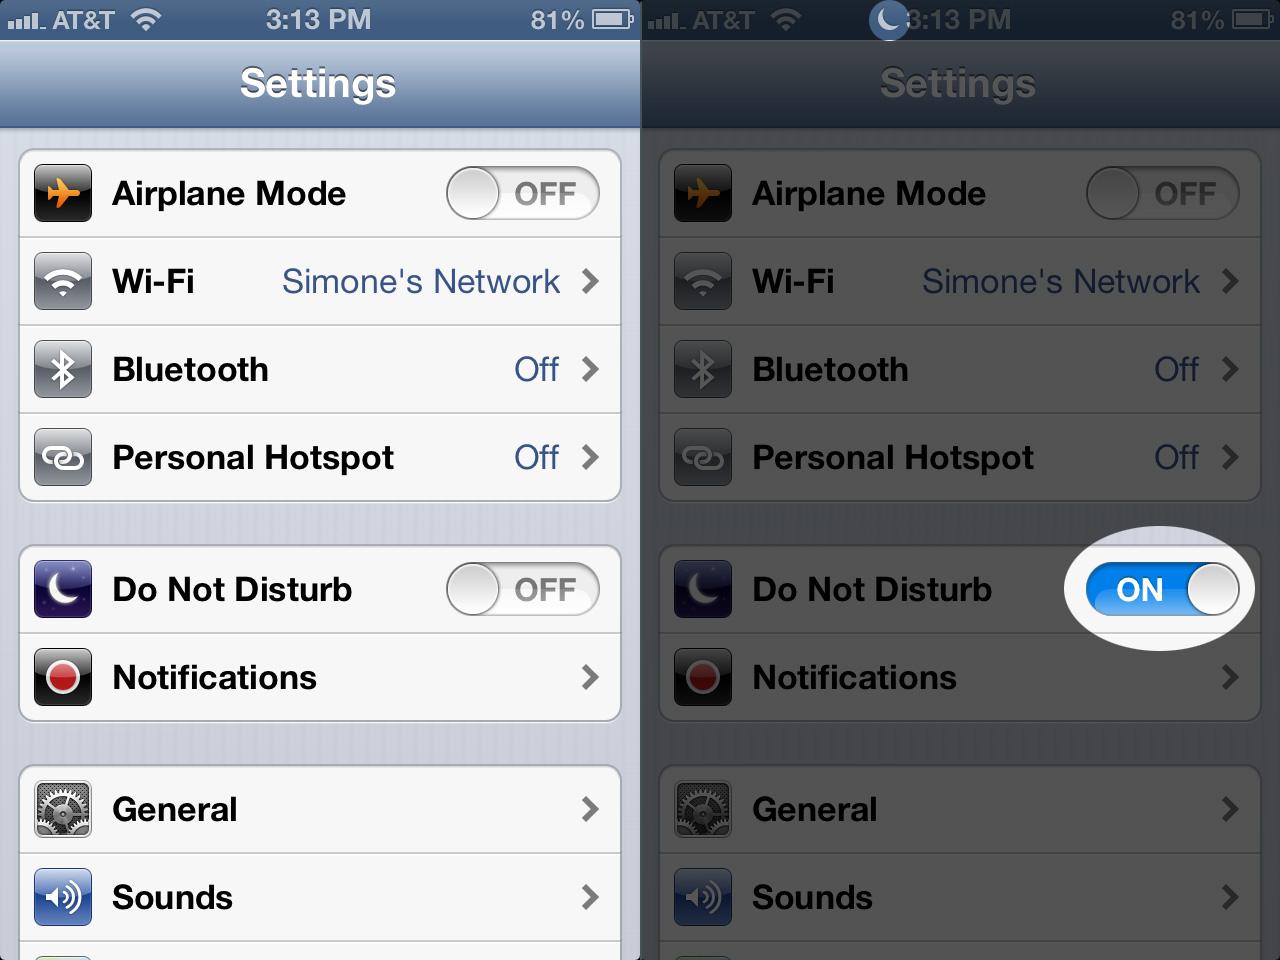 Кажется, Apple случайно показала дизайн настроек в iOS 15